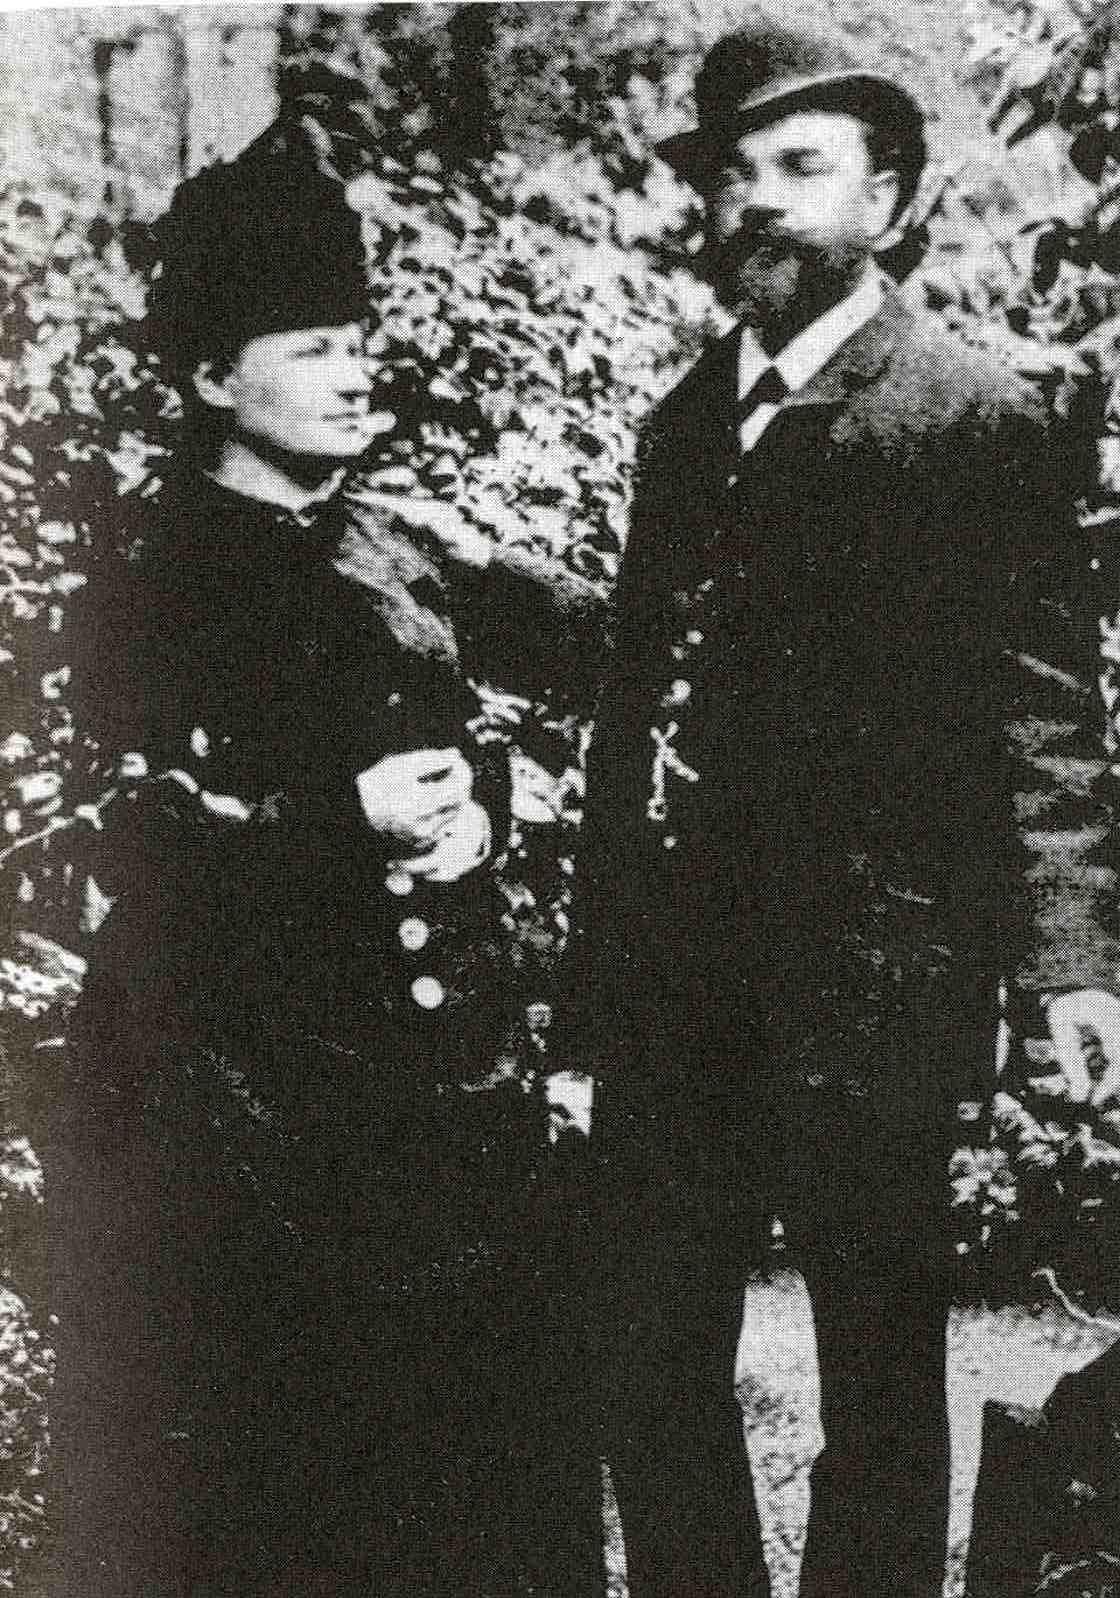 Antonín_Dvořák_with_his_wife_Anna_in_London,_1886